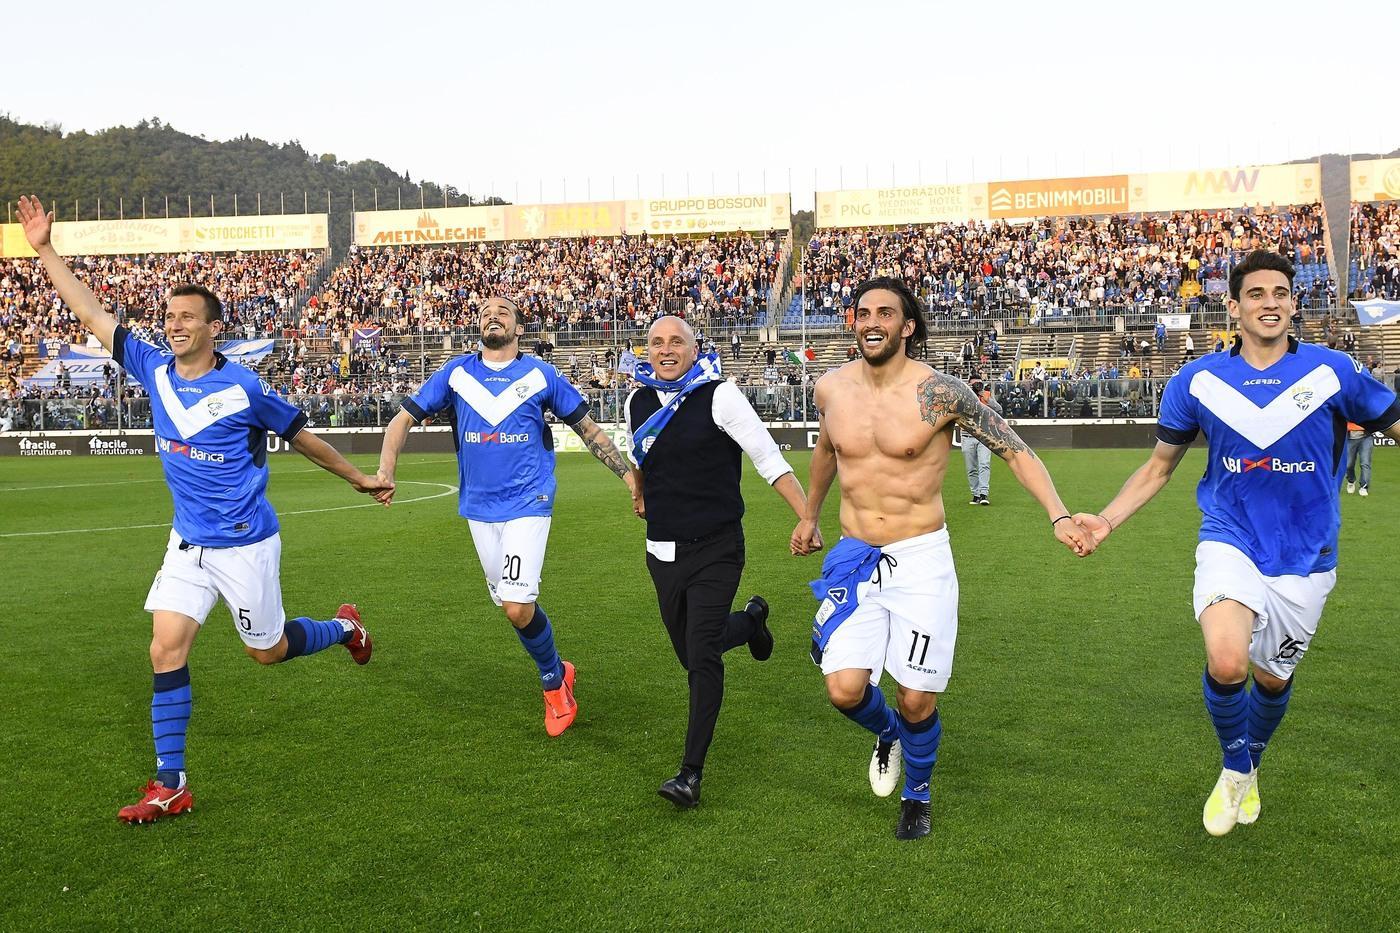 Il Brescia batte 1-0 l'Ascoli e torna in Serie A dopo 8 anni con due giornate di anticipo sulla fine del campionato di serie B.